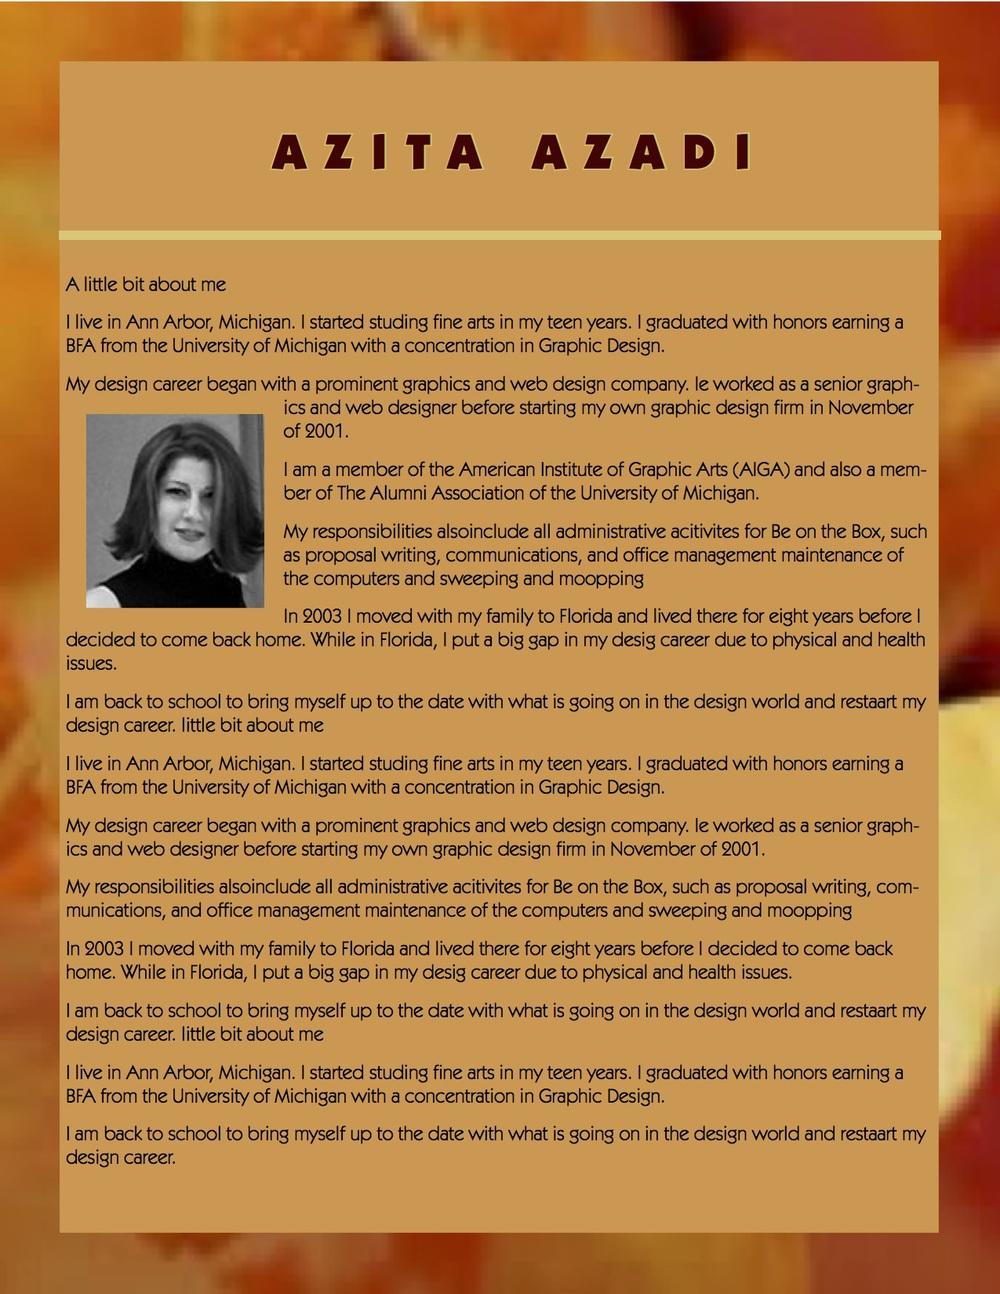 azita azadi info sheet.jpg